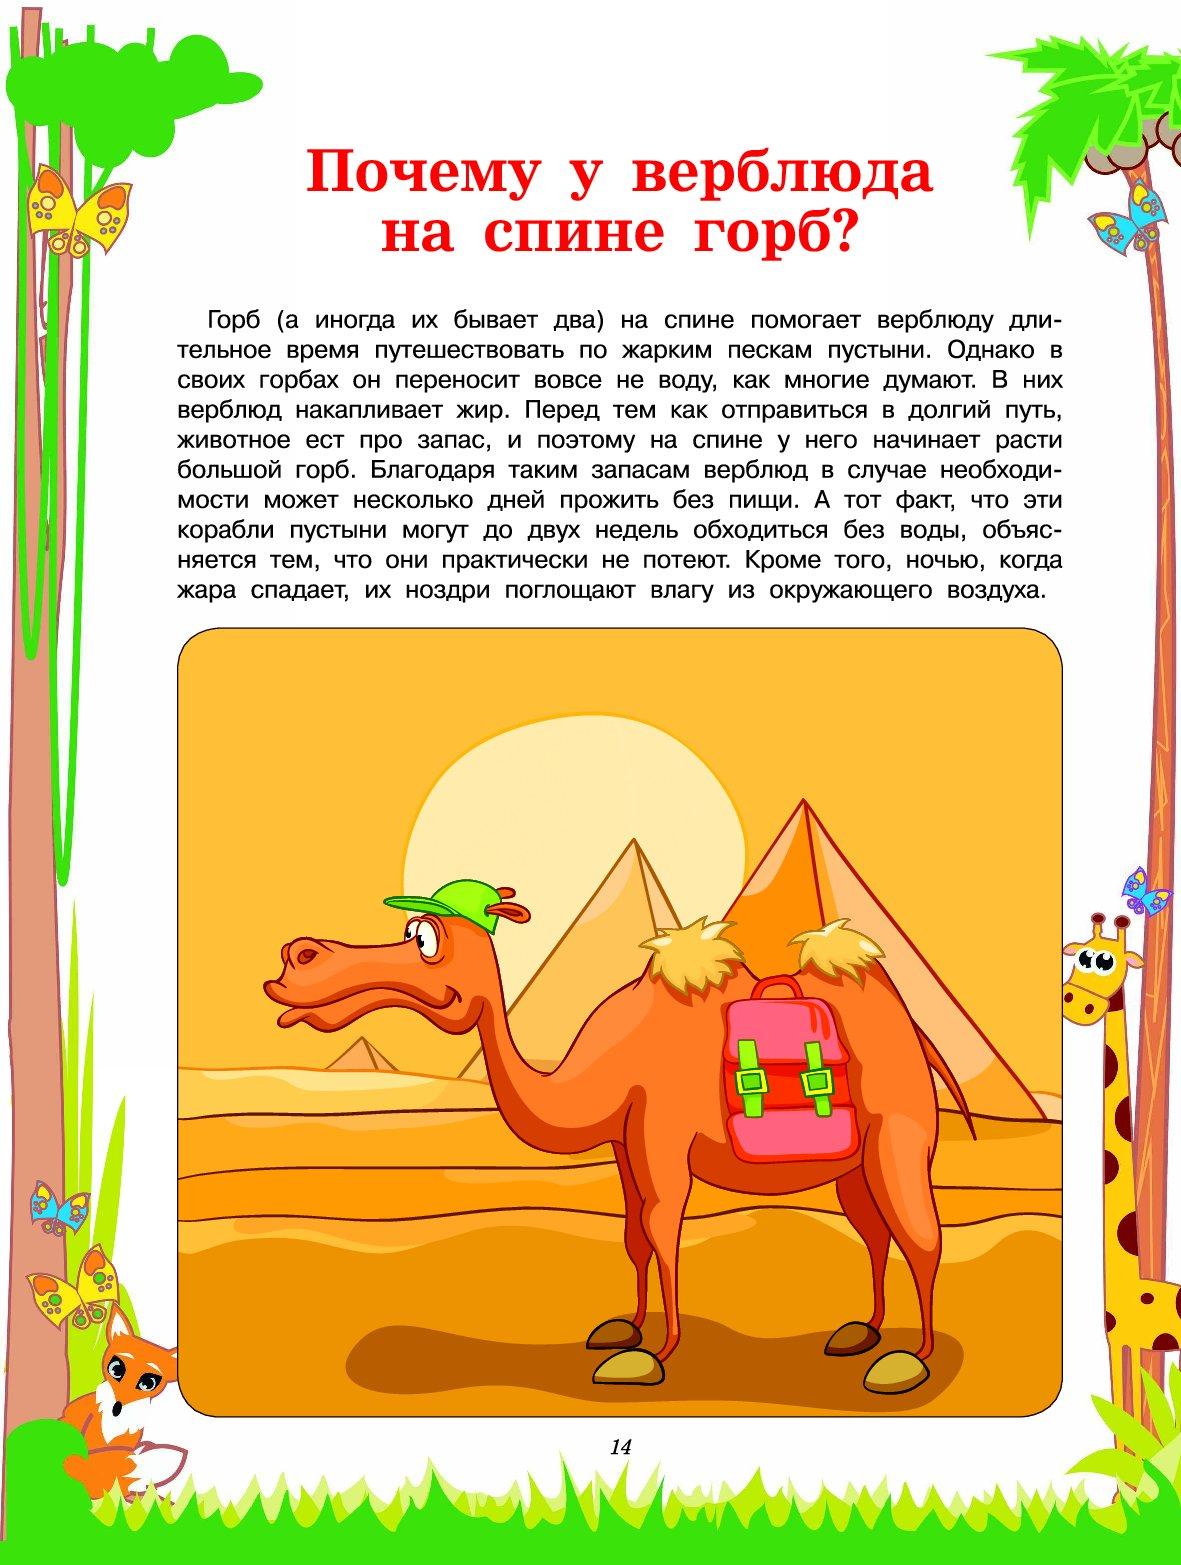 Почему плюются верблюды? описание, причины, фото и видео - «как и почему»